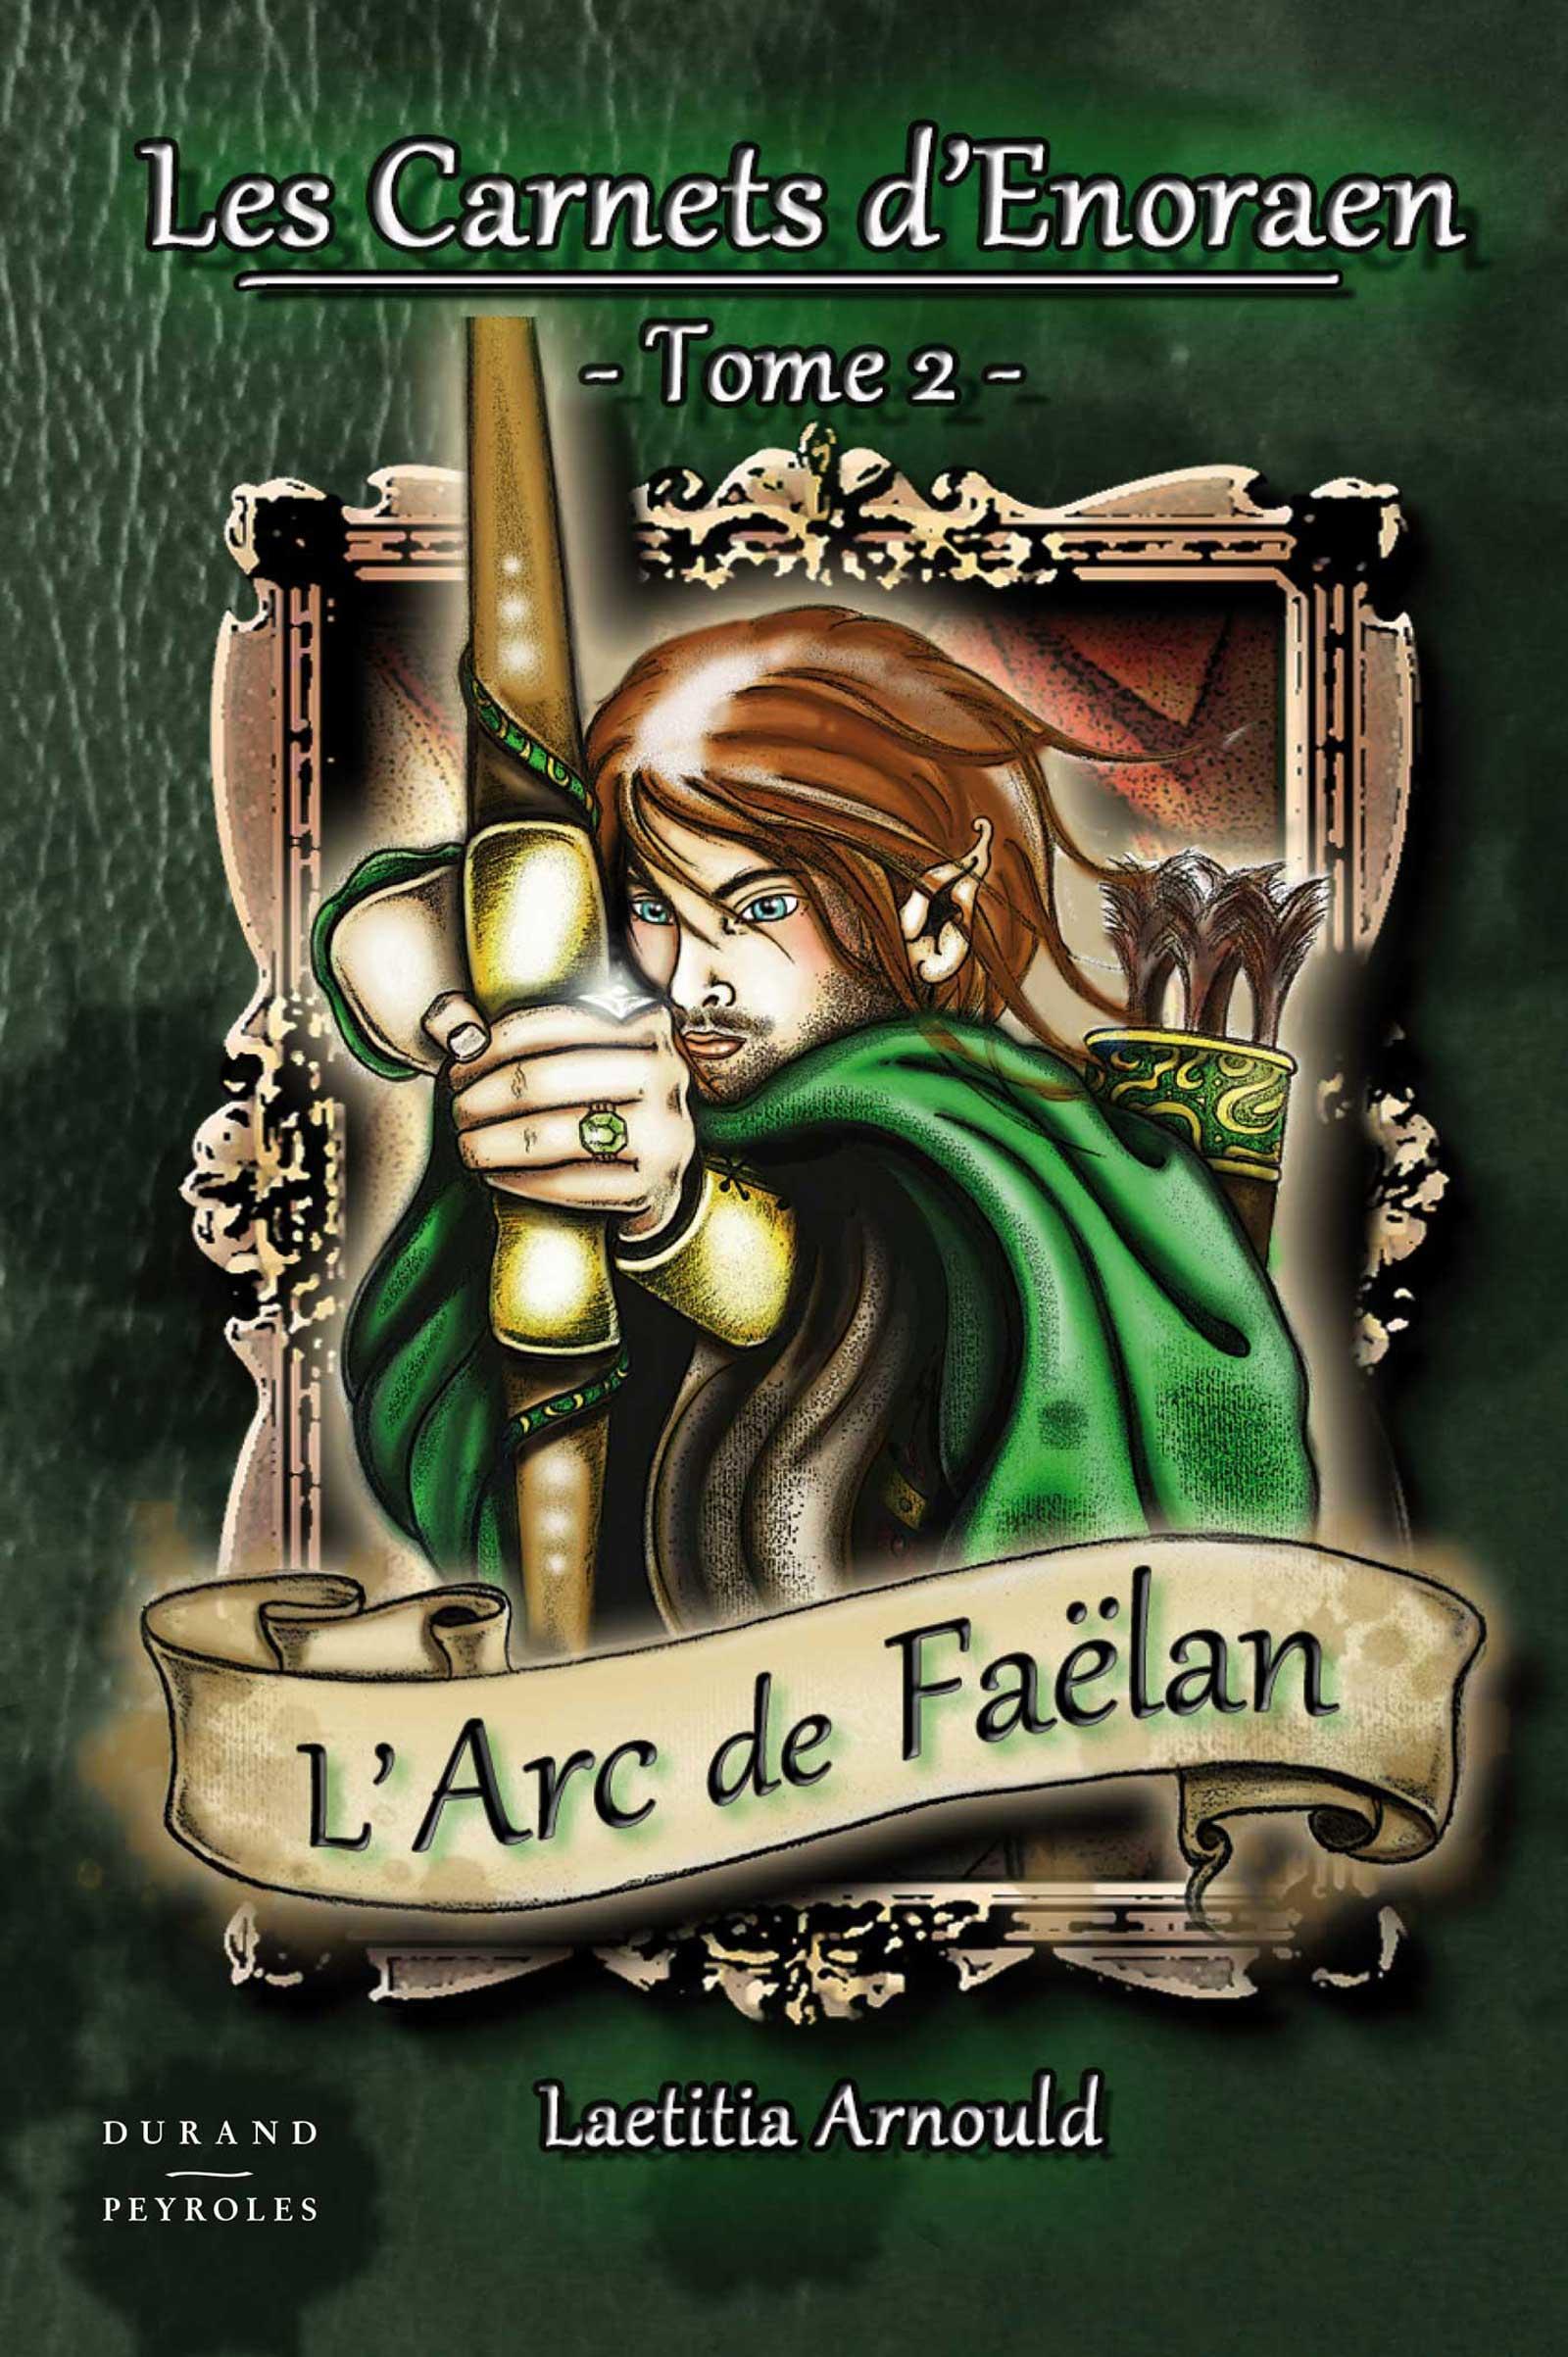 Les Carnets d'Enoraen - Tome 2 - L'arc de Faëlan